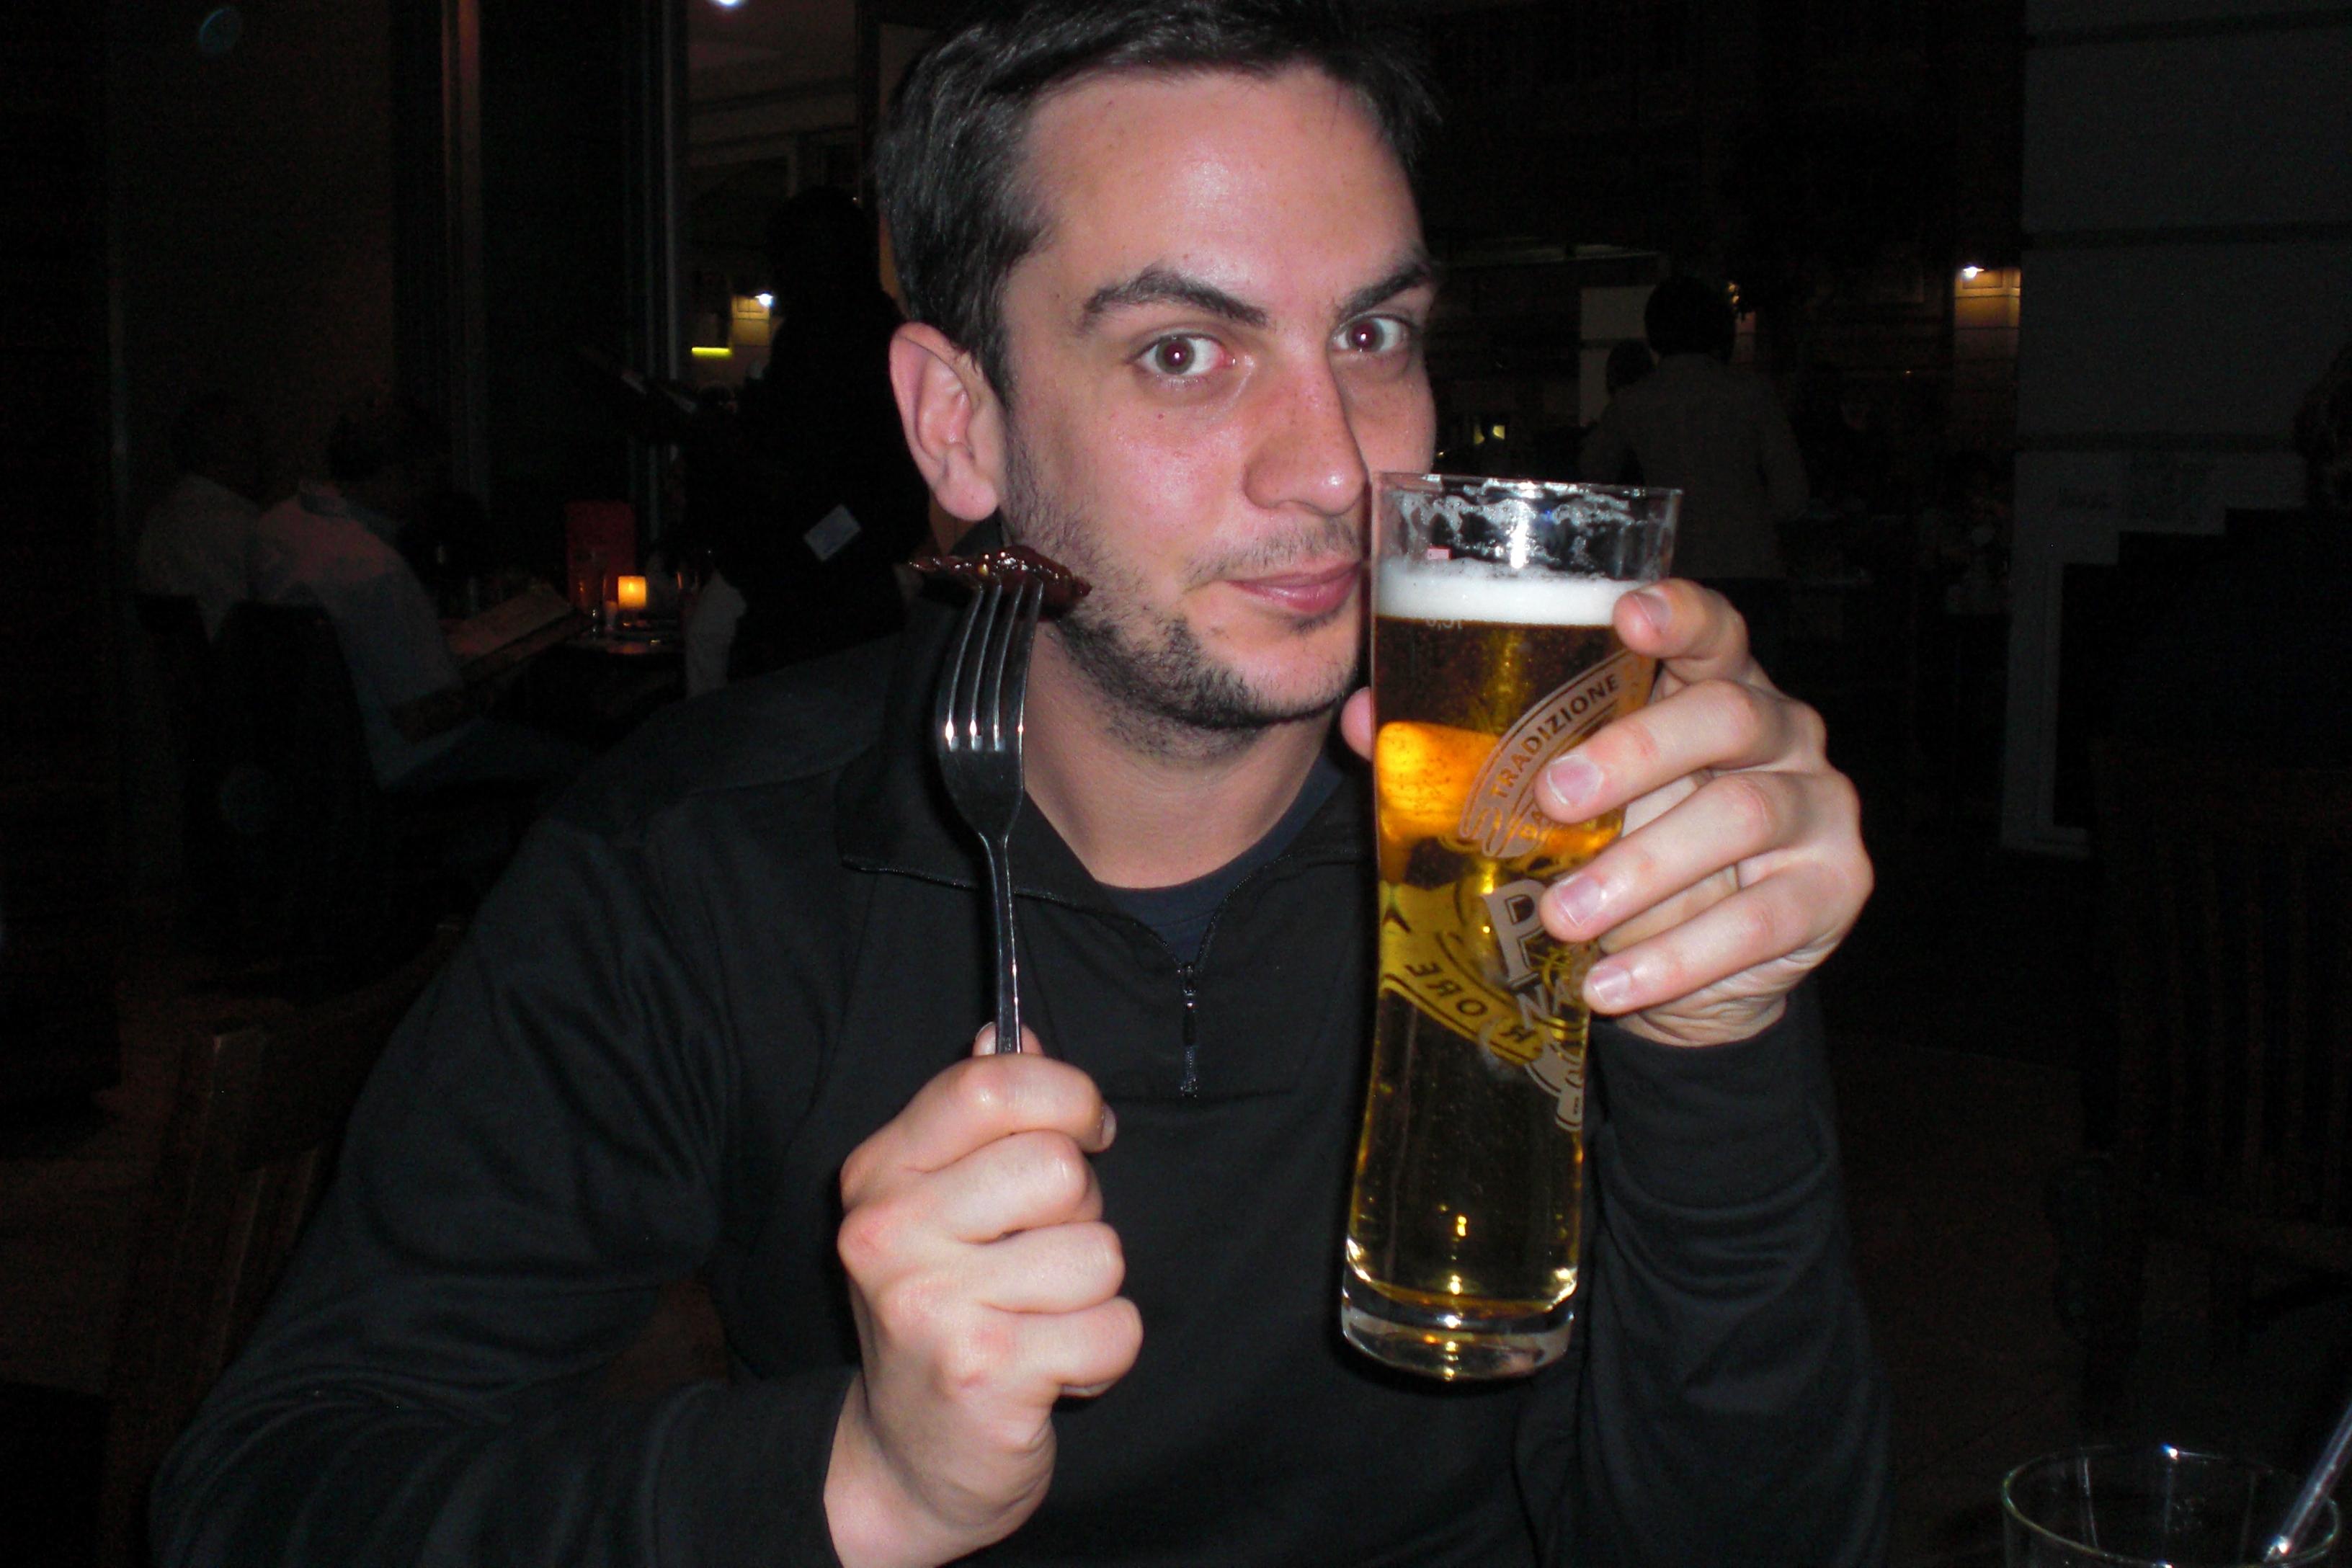 Beer beer beer...